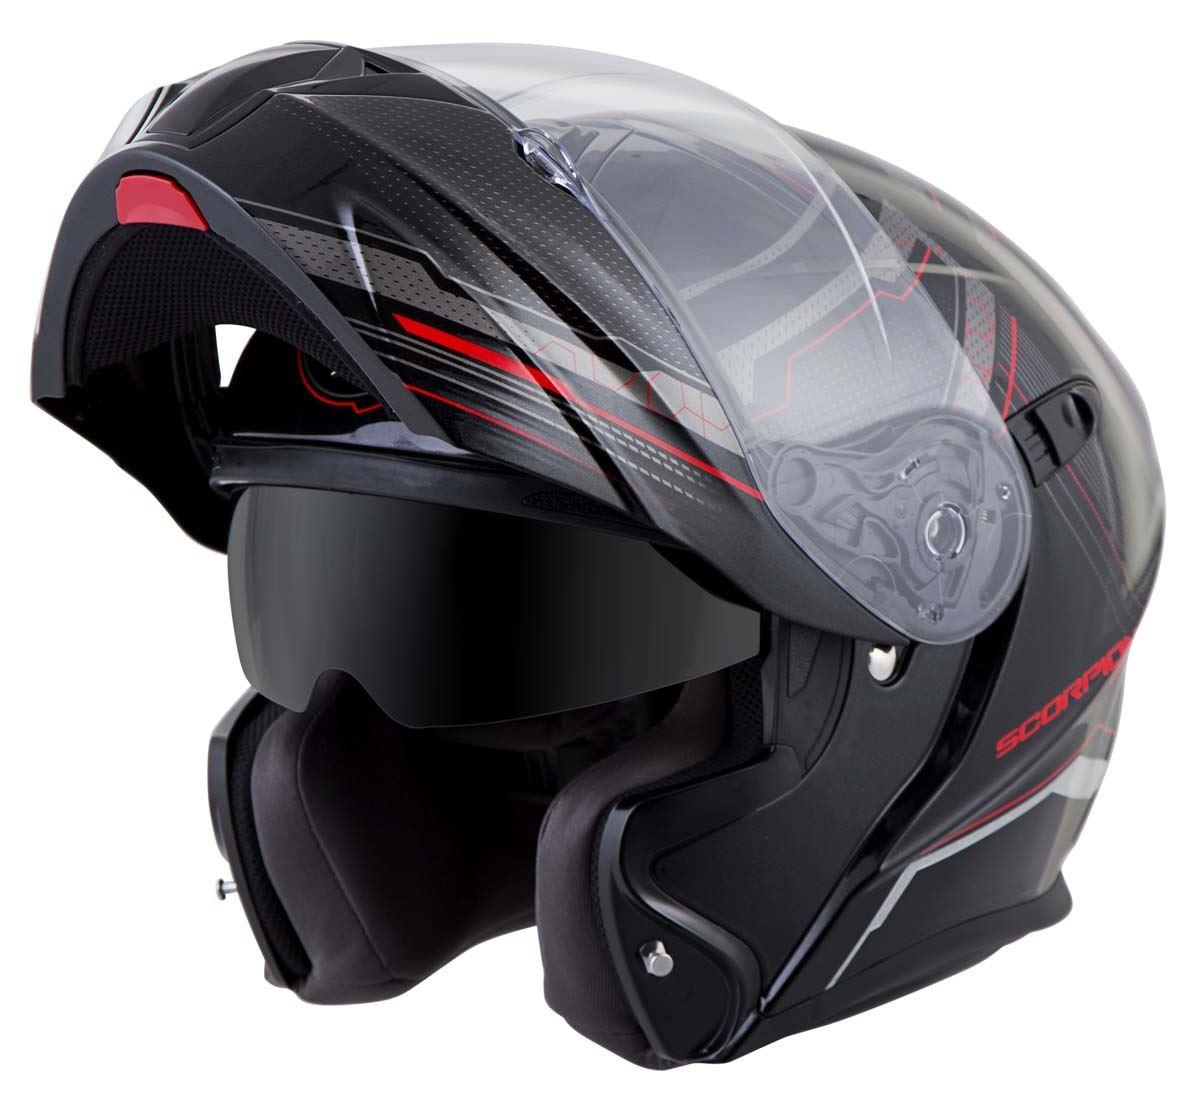 Scorpion-EXO-GT920-Helmet-Sport-Touring-Modular-Flip-Up-DOT-Approved-XS-3XL miniature 24